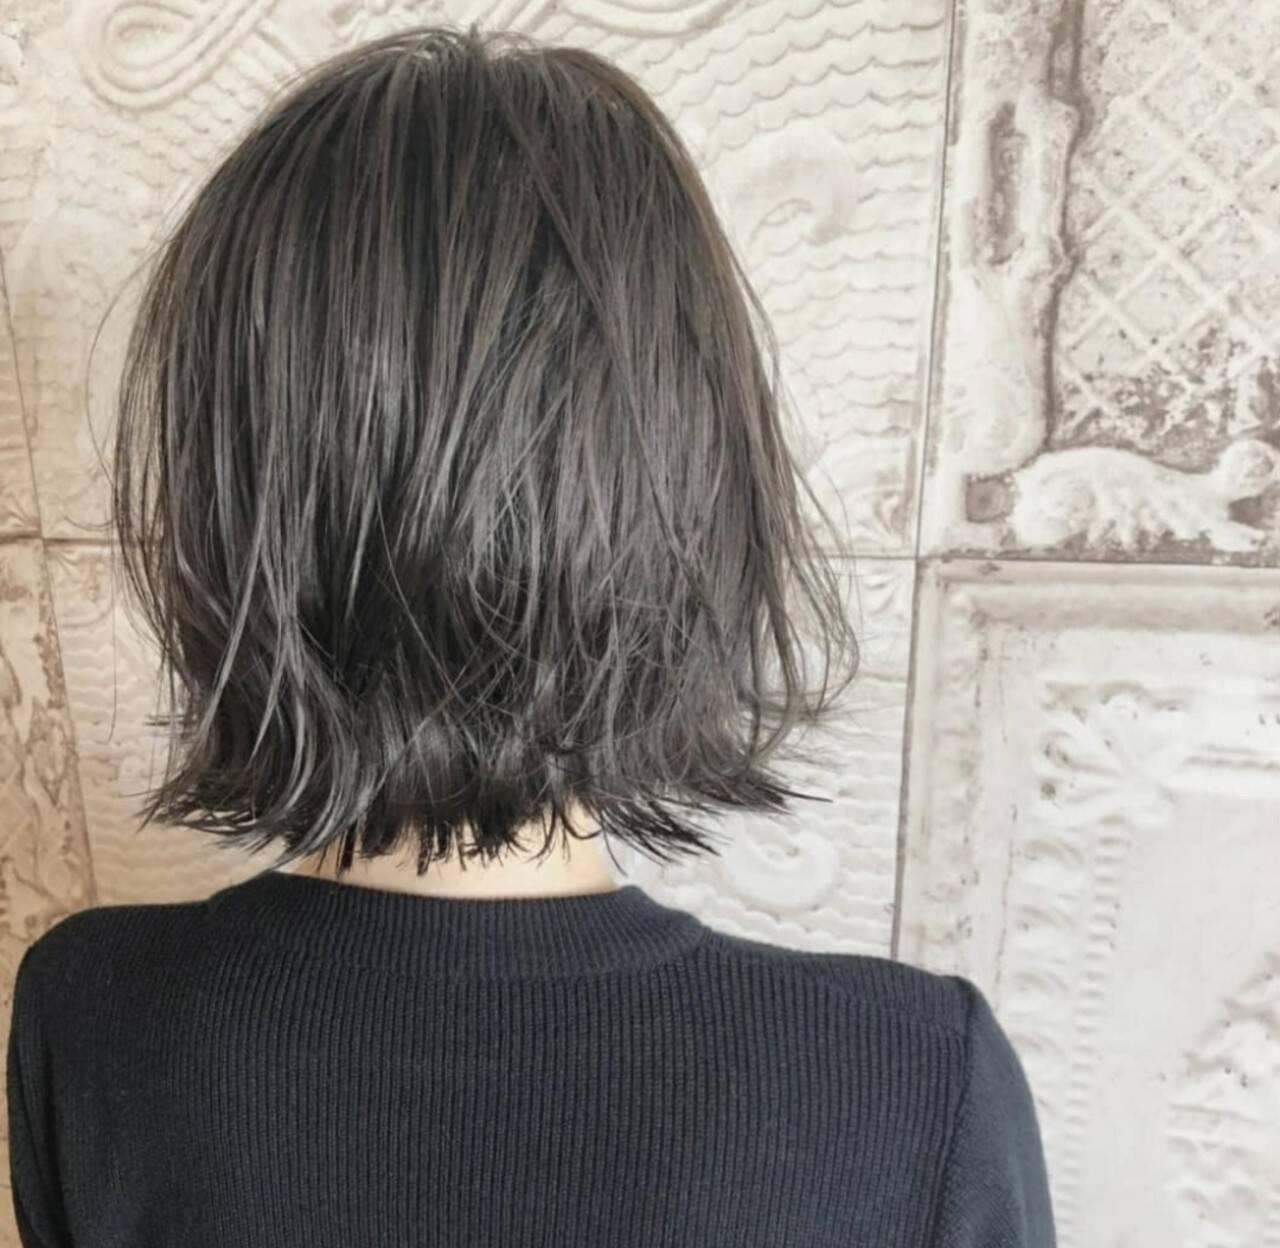 ボブ シルバーグレージュ ショートヘア シルバーグレイヘアスタイルや髪型の写真・画像